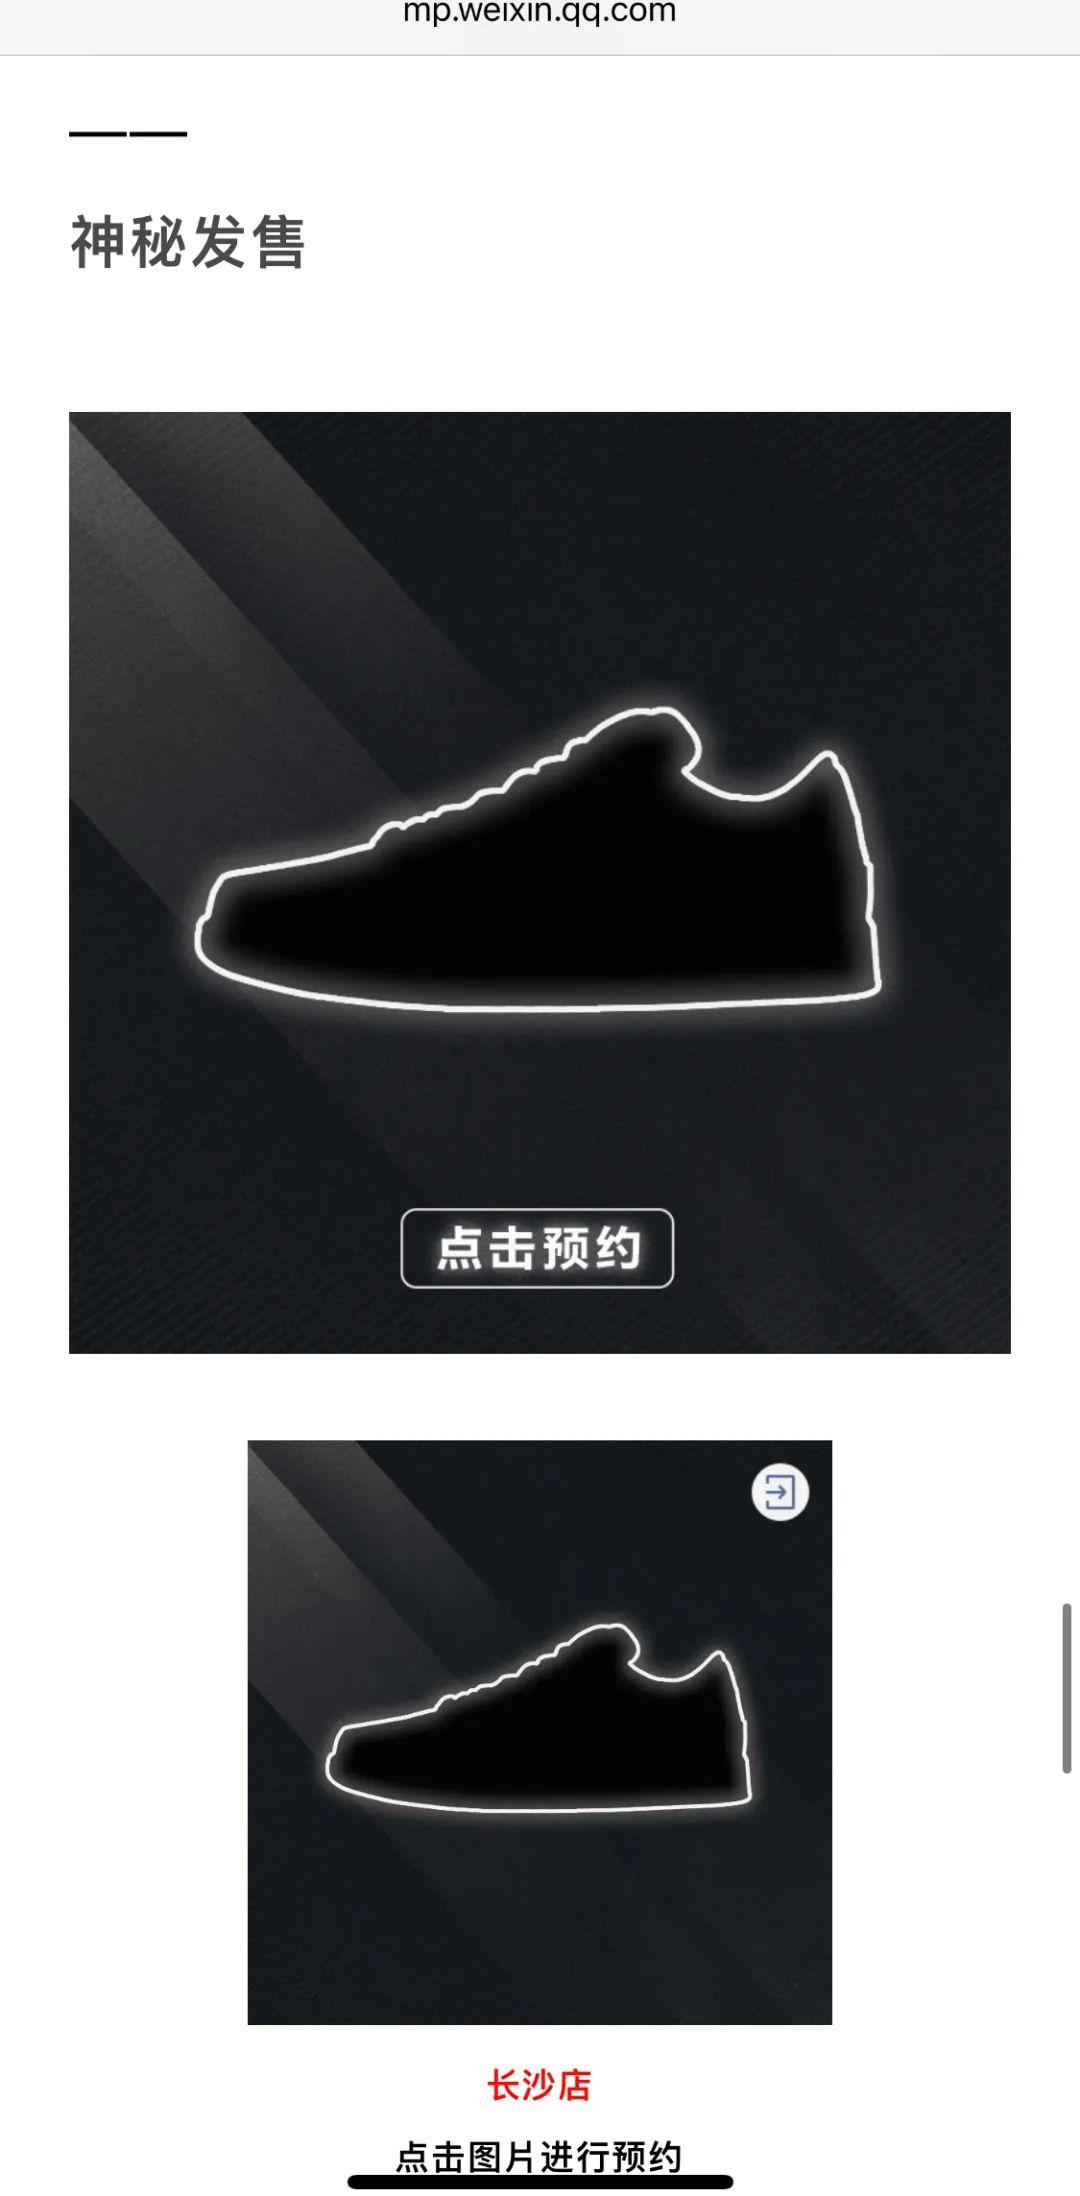 卧槽!Travis Scott x 耐克SB联名腰果花在中国补货发售?